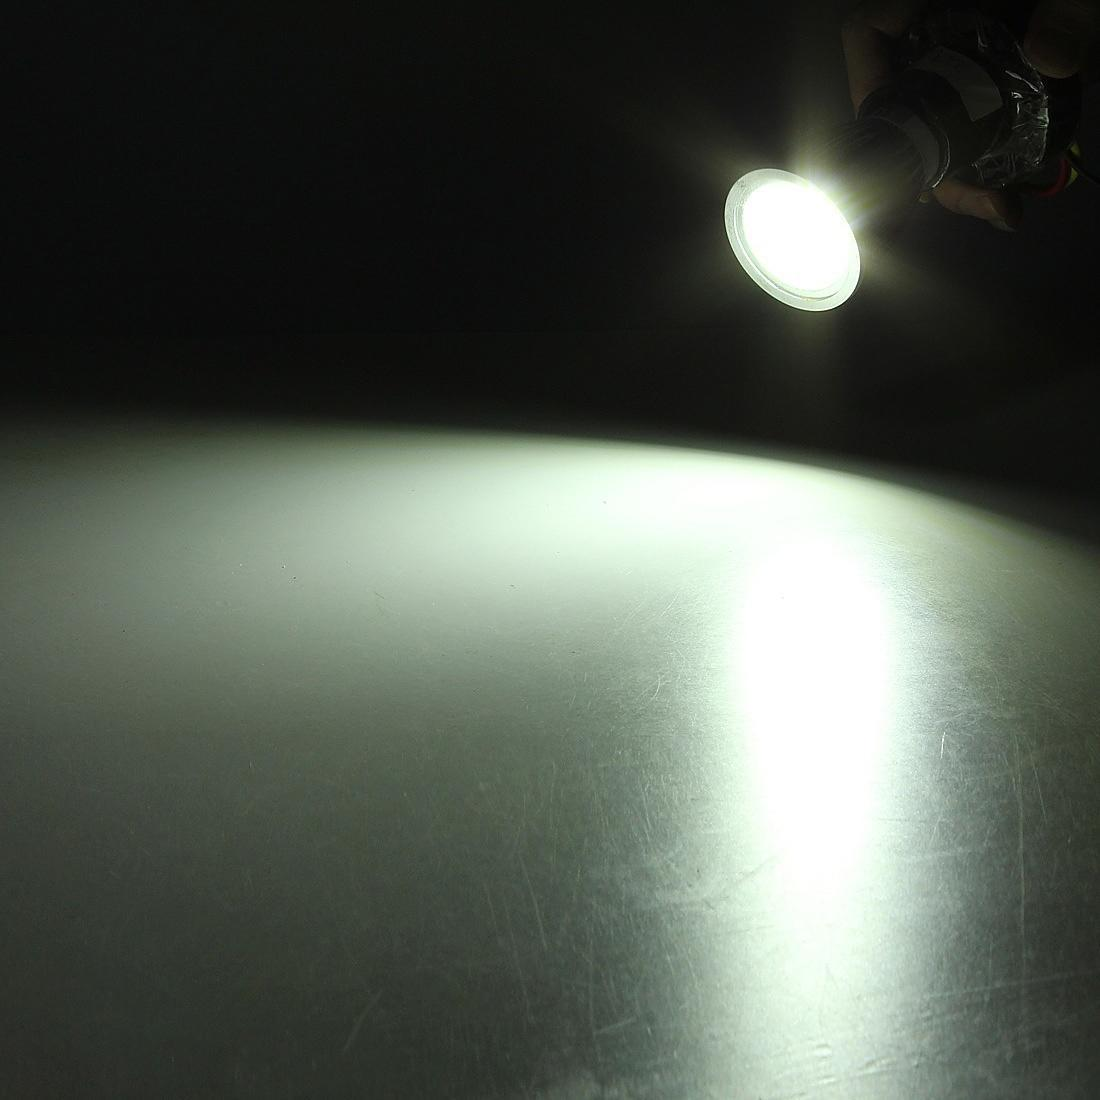 MR16 5W 500-550LM затемняемый COB светодиодные лампы лампы постоянного и переменного тока 12V 550 031m2f0b0 d sub backshells commercial mr li